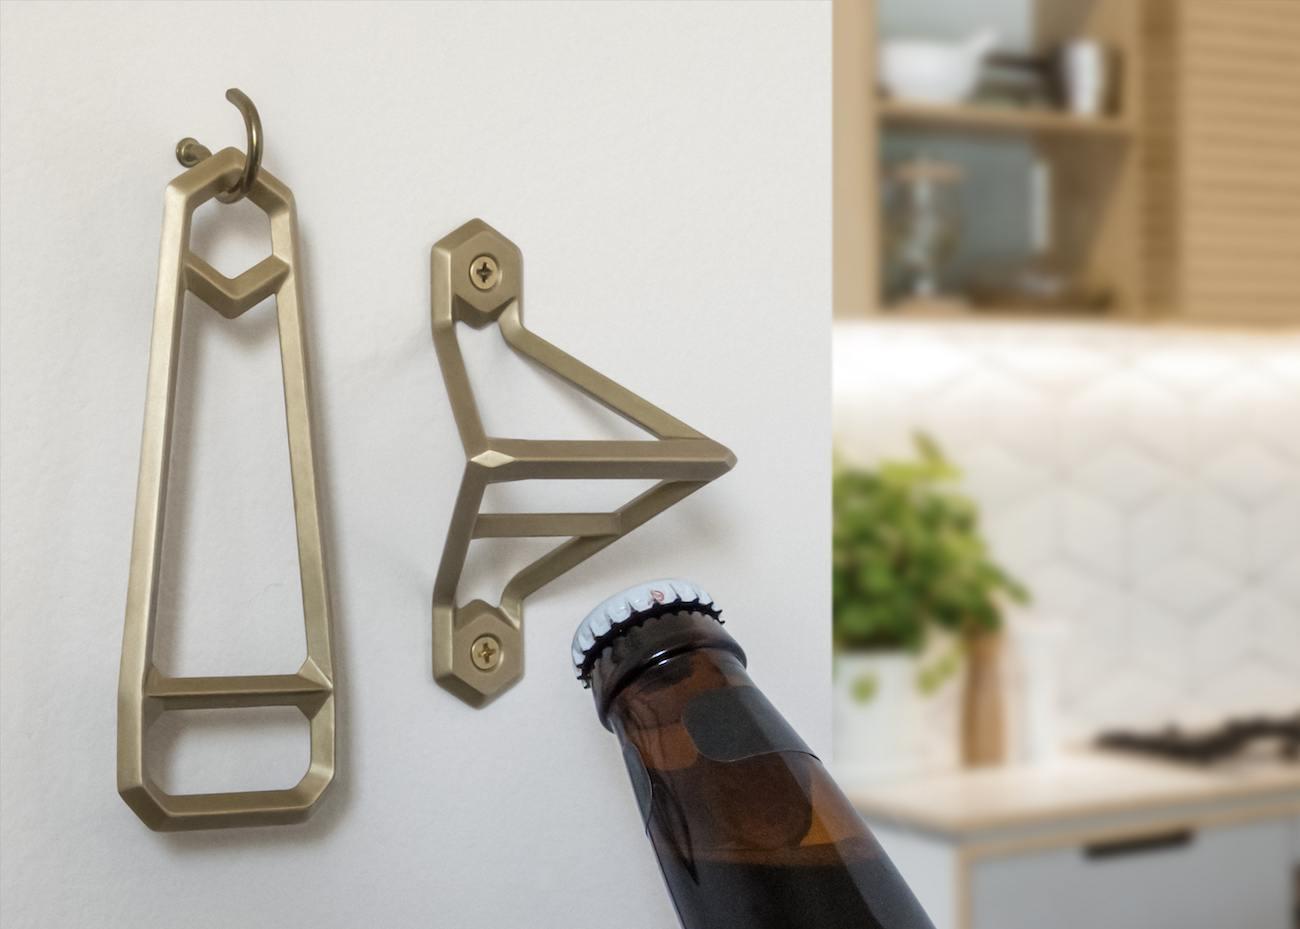 Solid Brass Bottle Openers